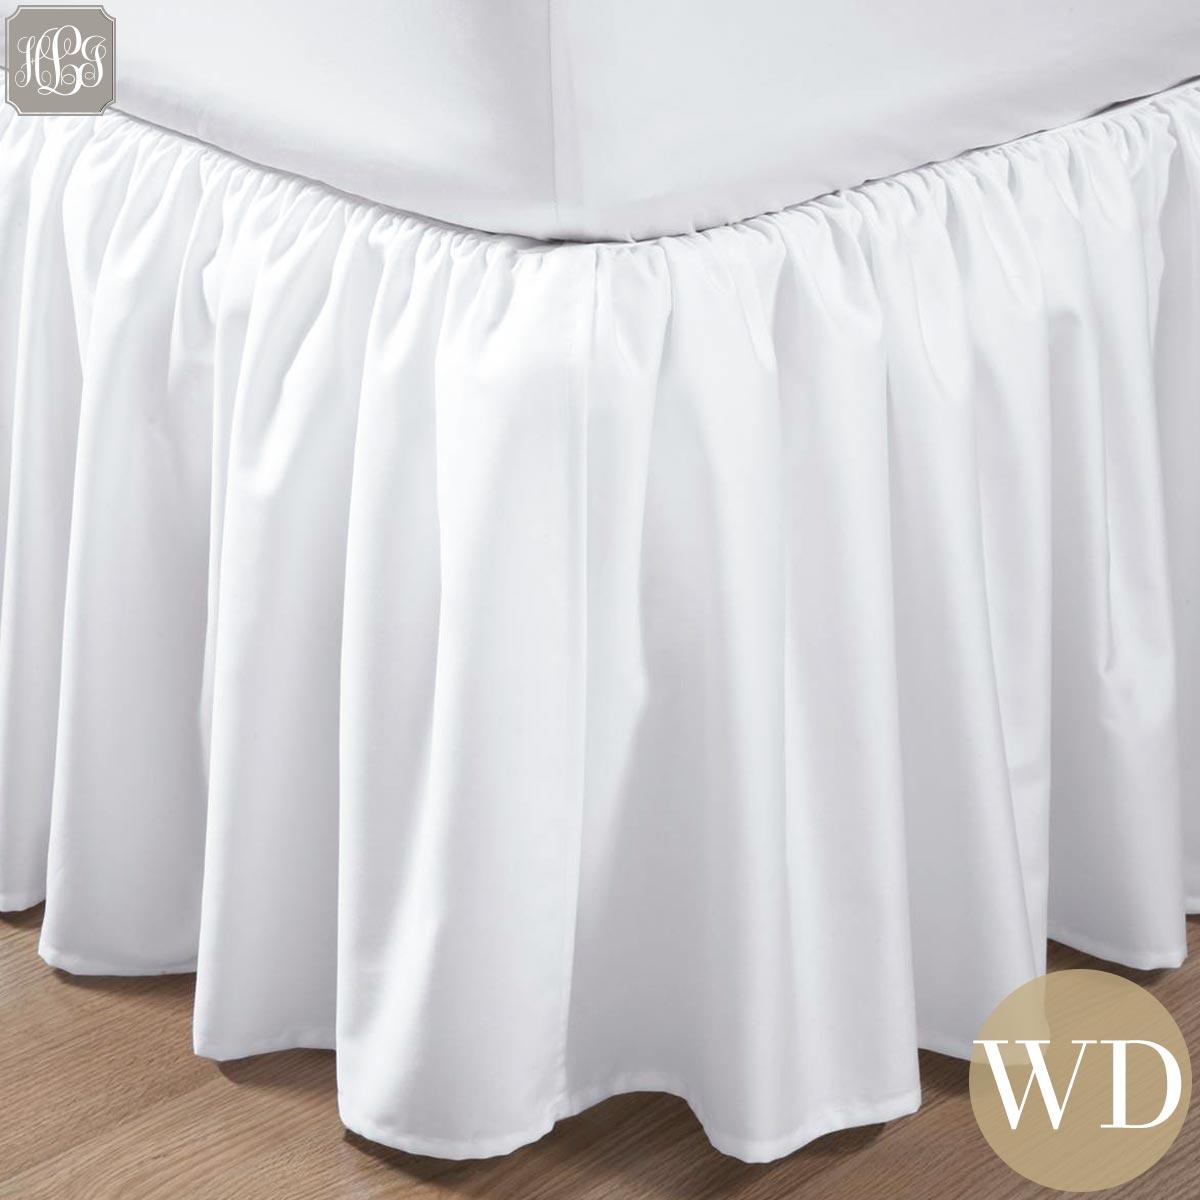 ベッドスカート | ワイドダブル | 155x200cm | 高さ25cm | 400TC ギャザードベッドスカート 送料無料